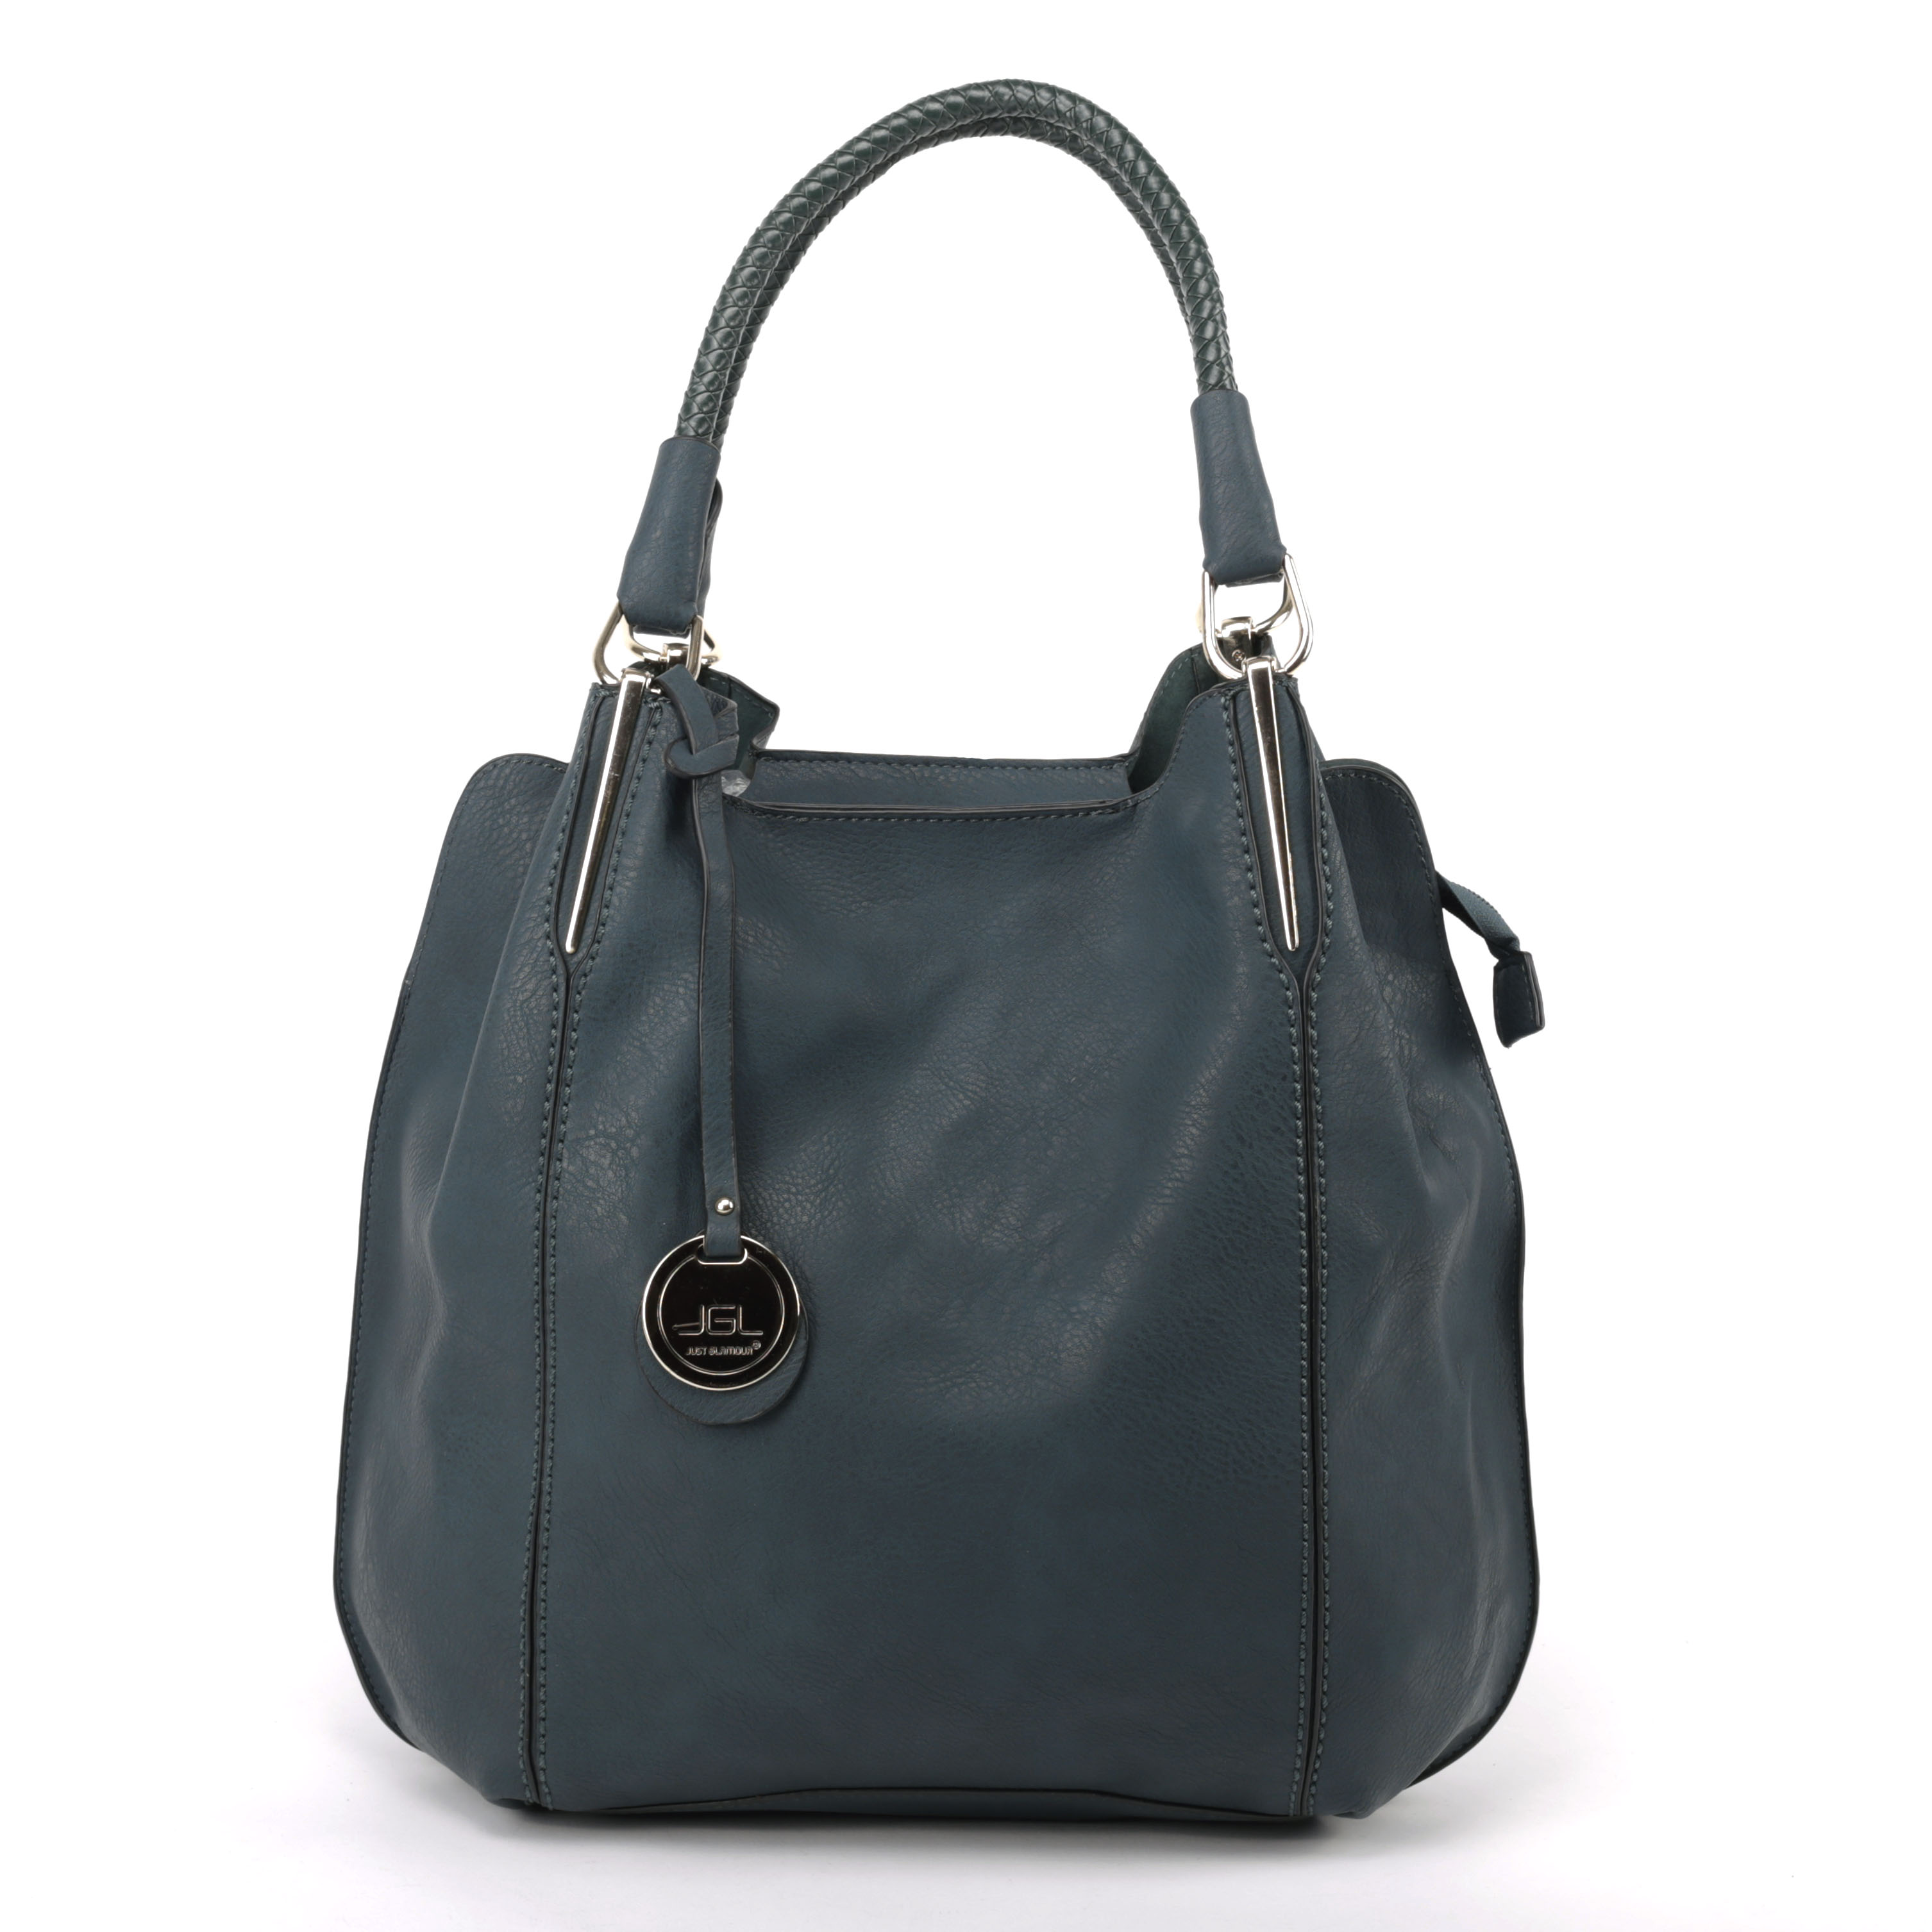 JGL Zöld Női Műbőr Táska - Kézitáskák - Táska webáruház - Minőségi táskák  mindenkinek eb67b07259